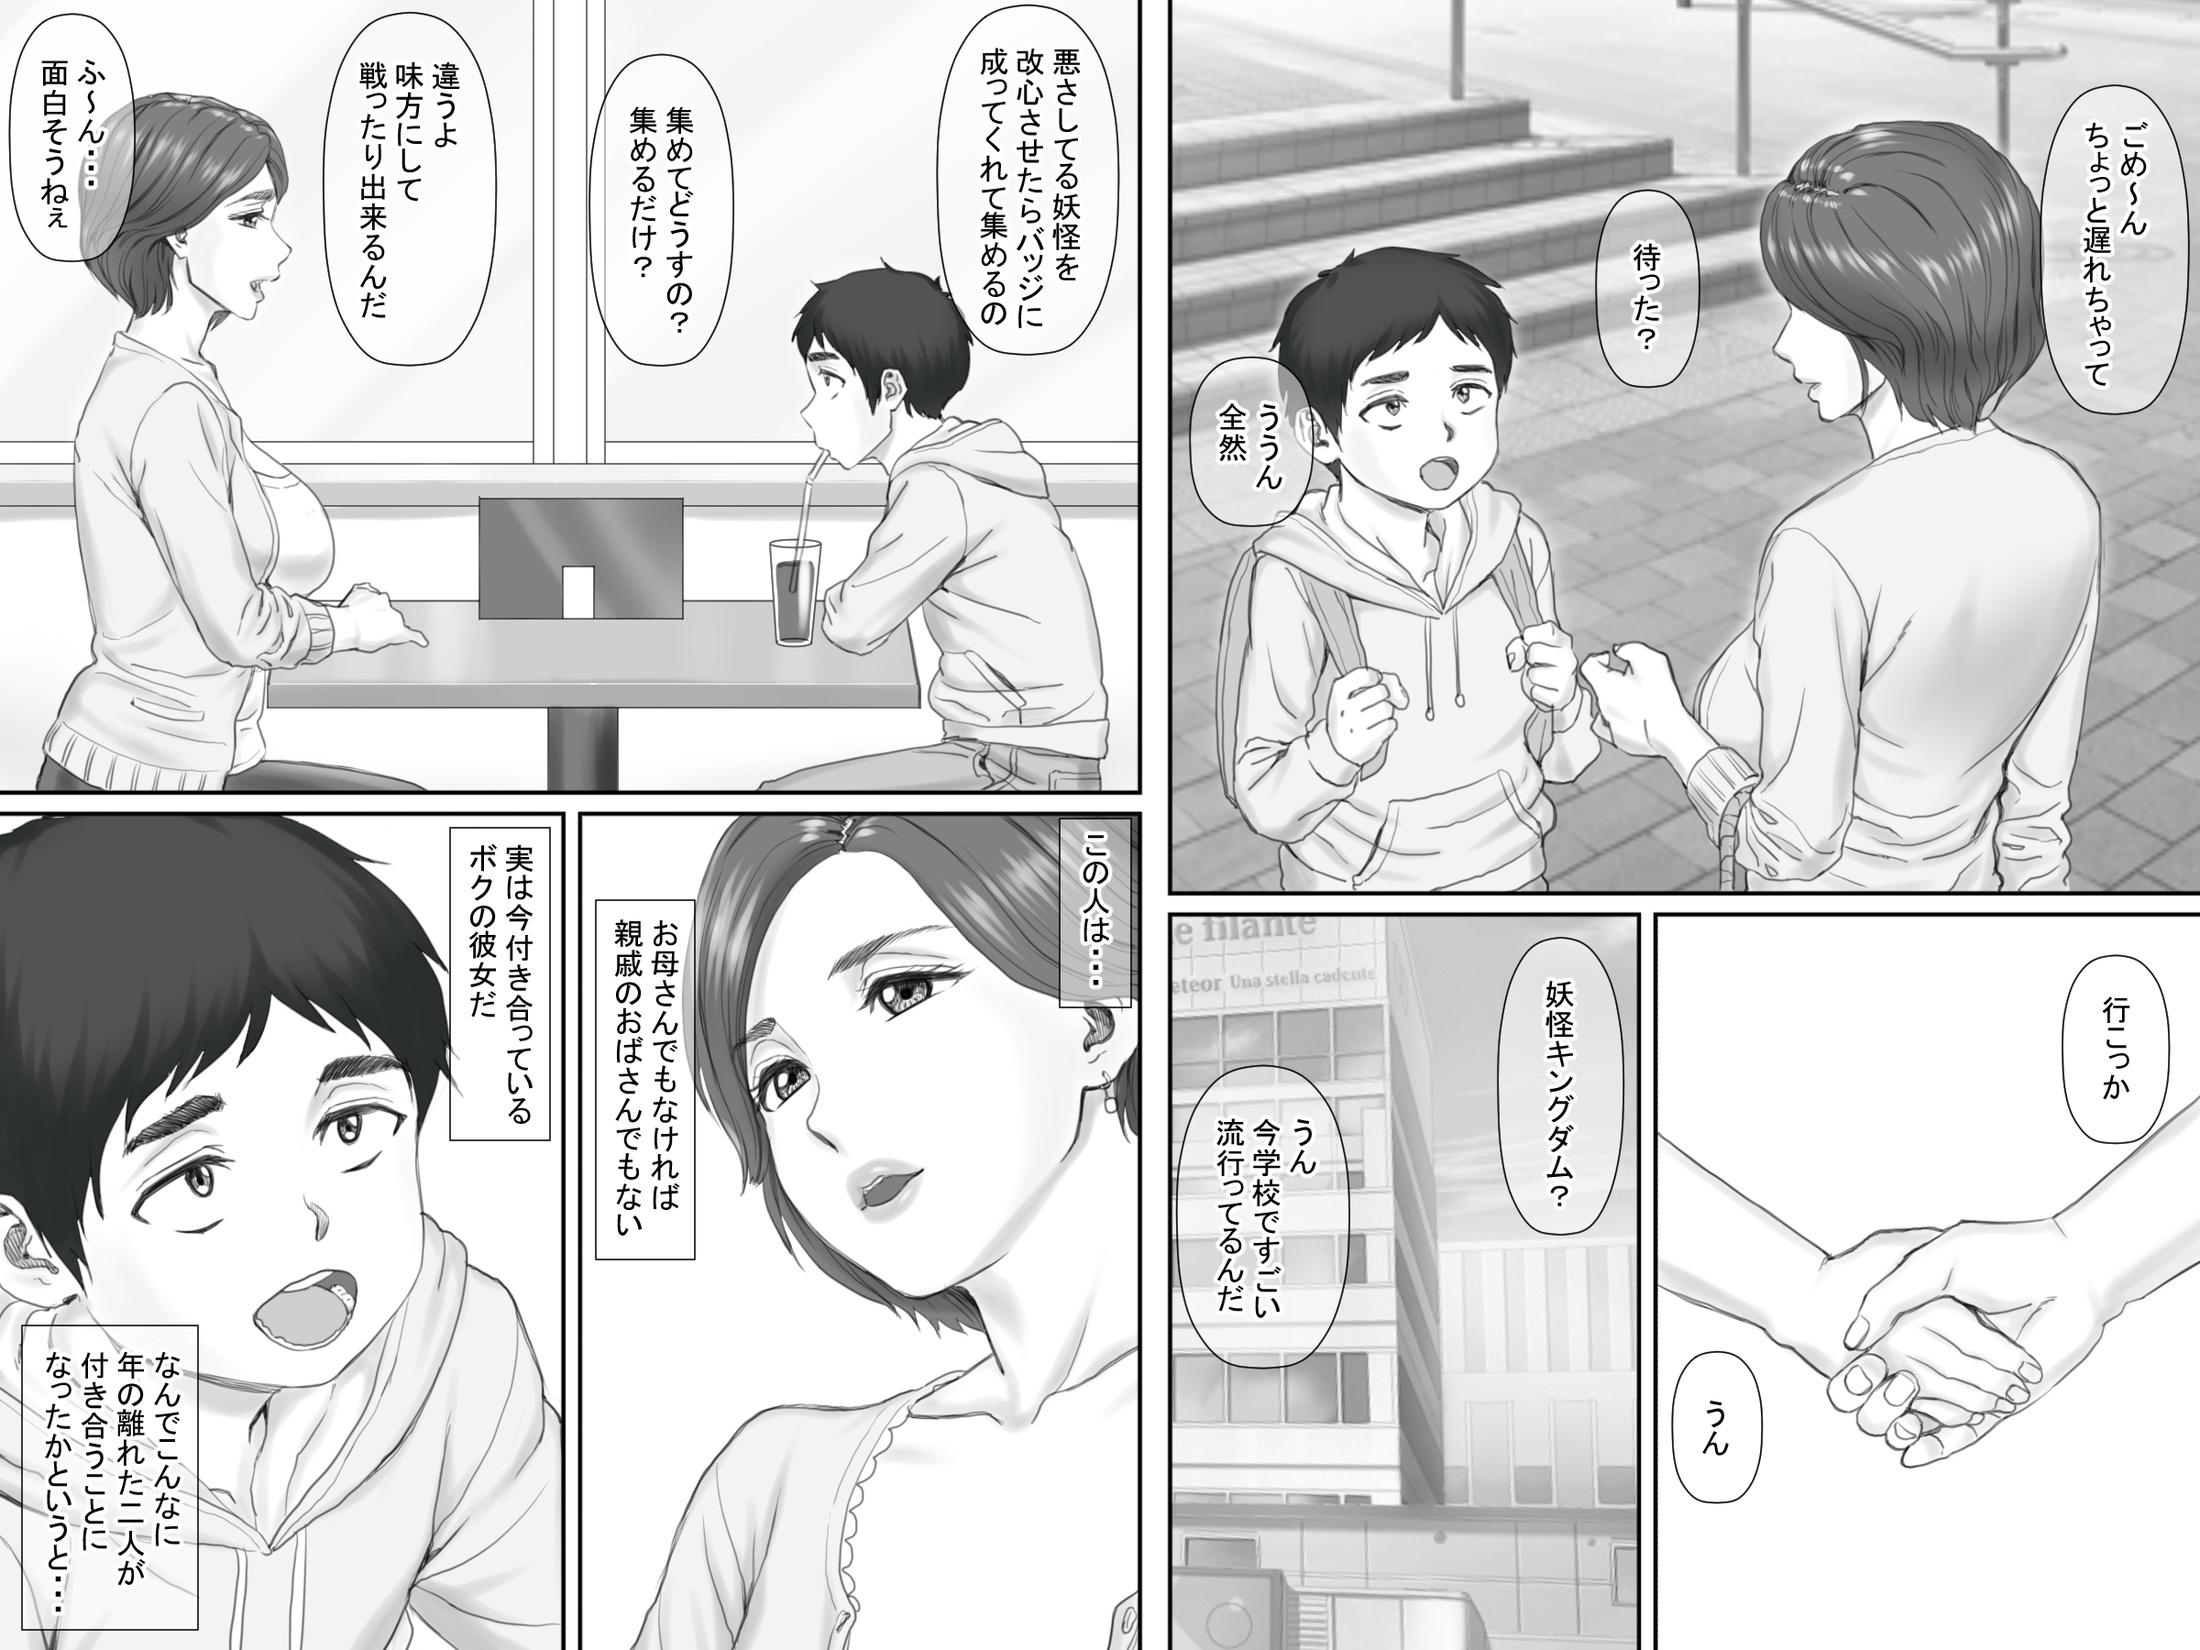 【エロ漫画・エロ同人誌】巨乳人妻と付き合ってエッチしてるショタっ子www ボクの彼女は40歳の人妻でママの友達 (3)